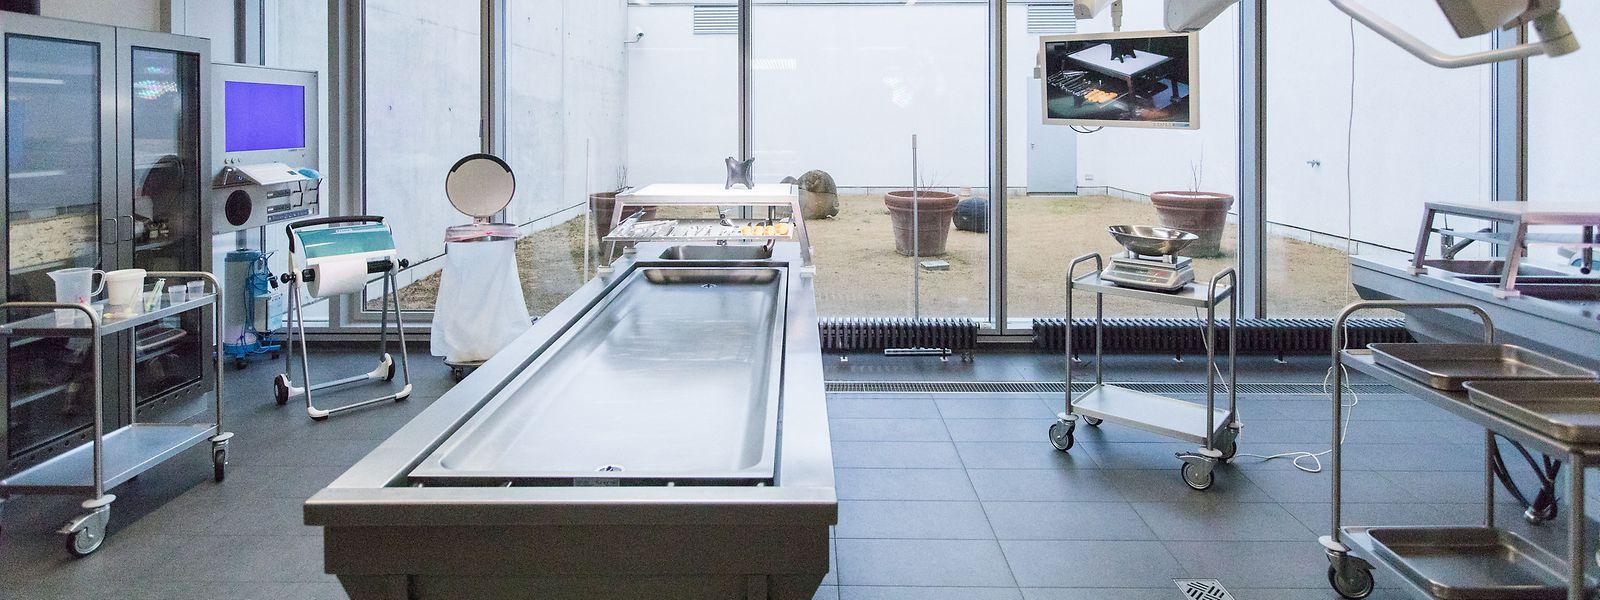 Der Autopsiesaal ist hermetisch abgeriegelt, bietet aber Sicht auf einen Innenhof.